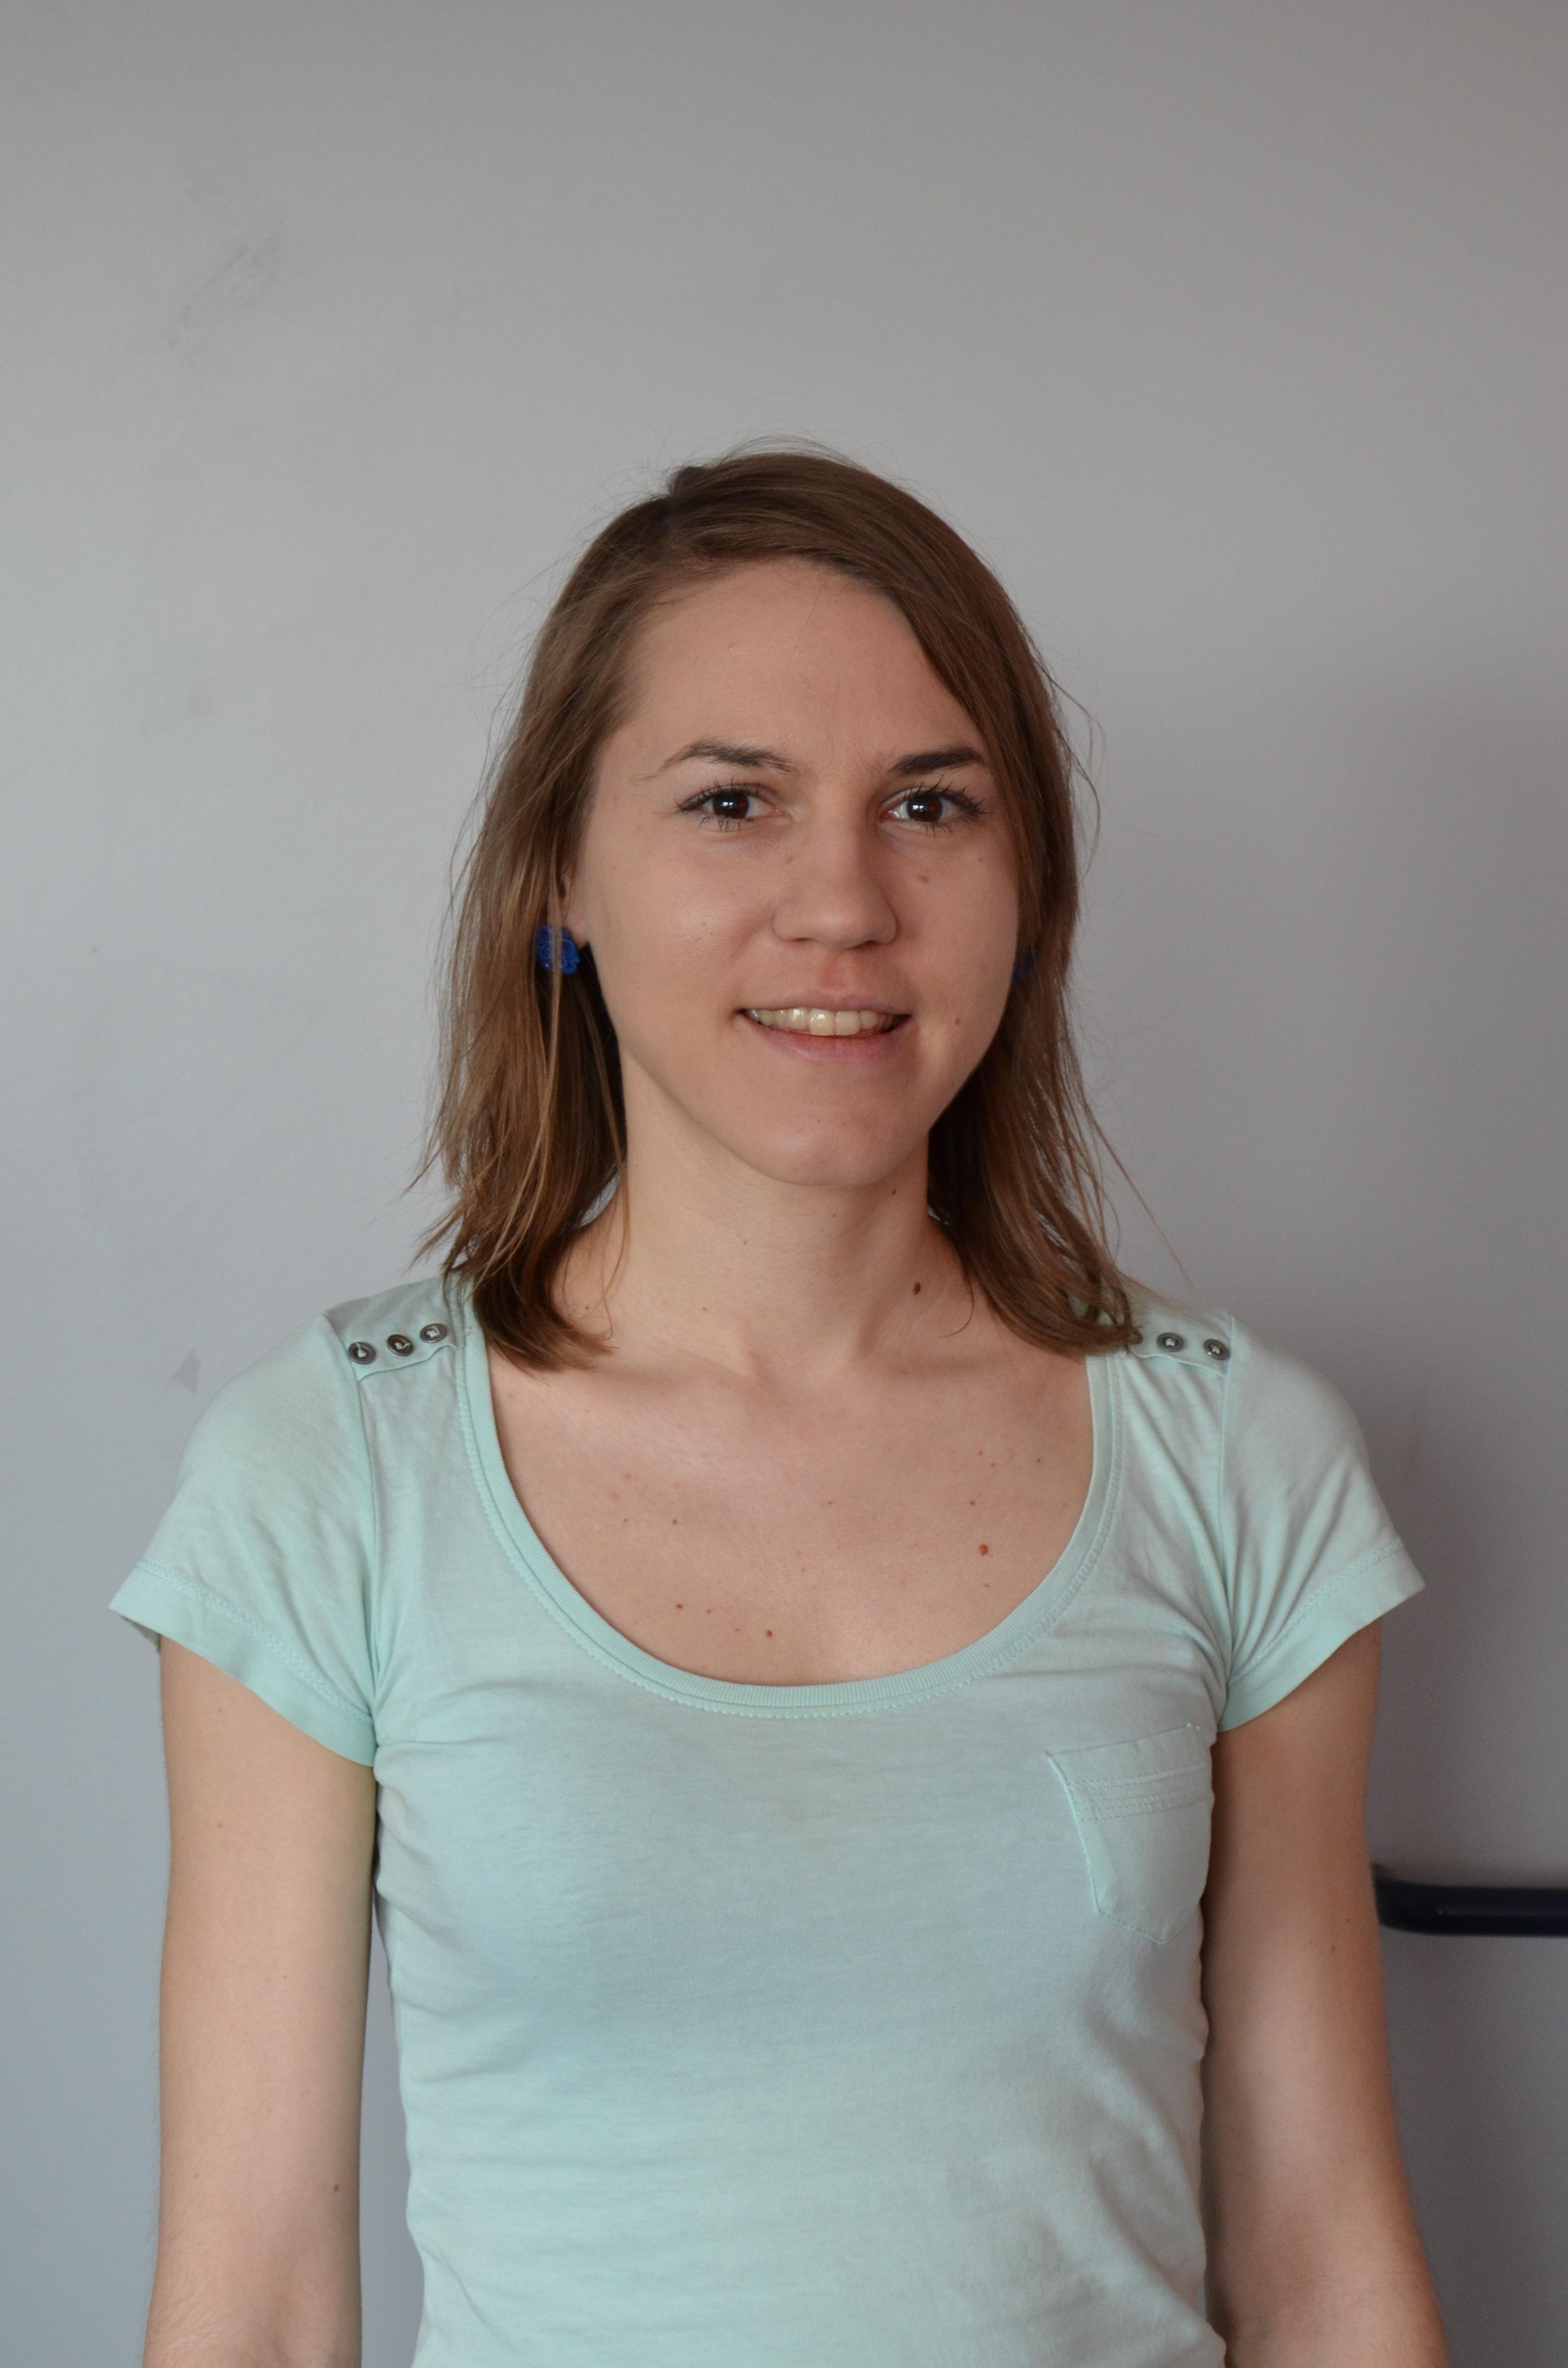 Maria Urbanowicz